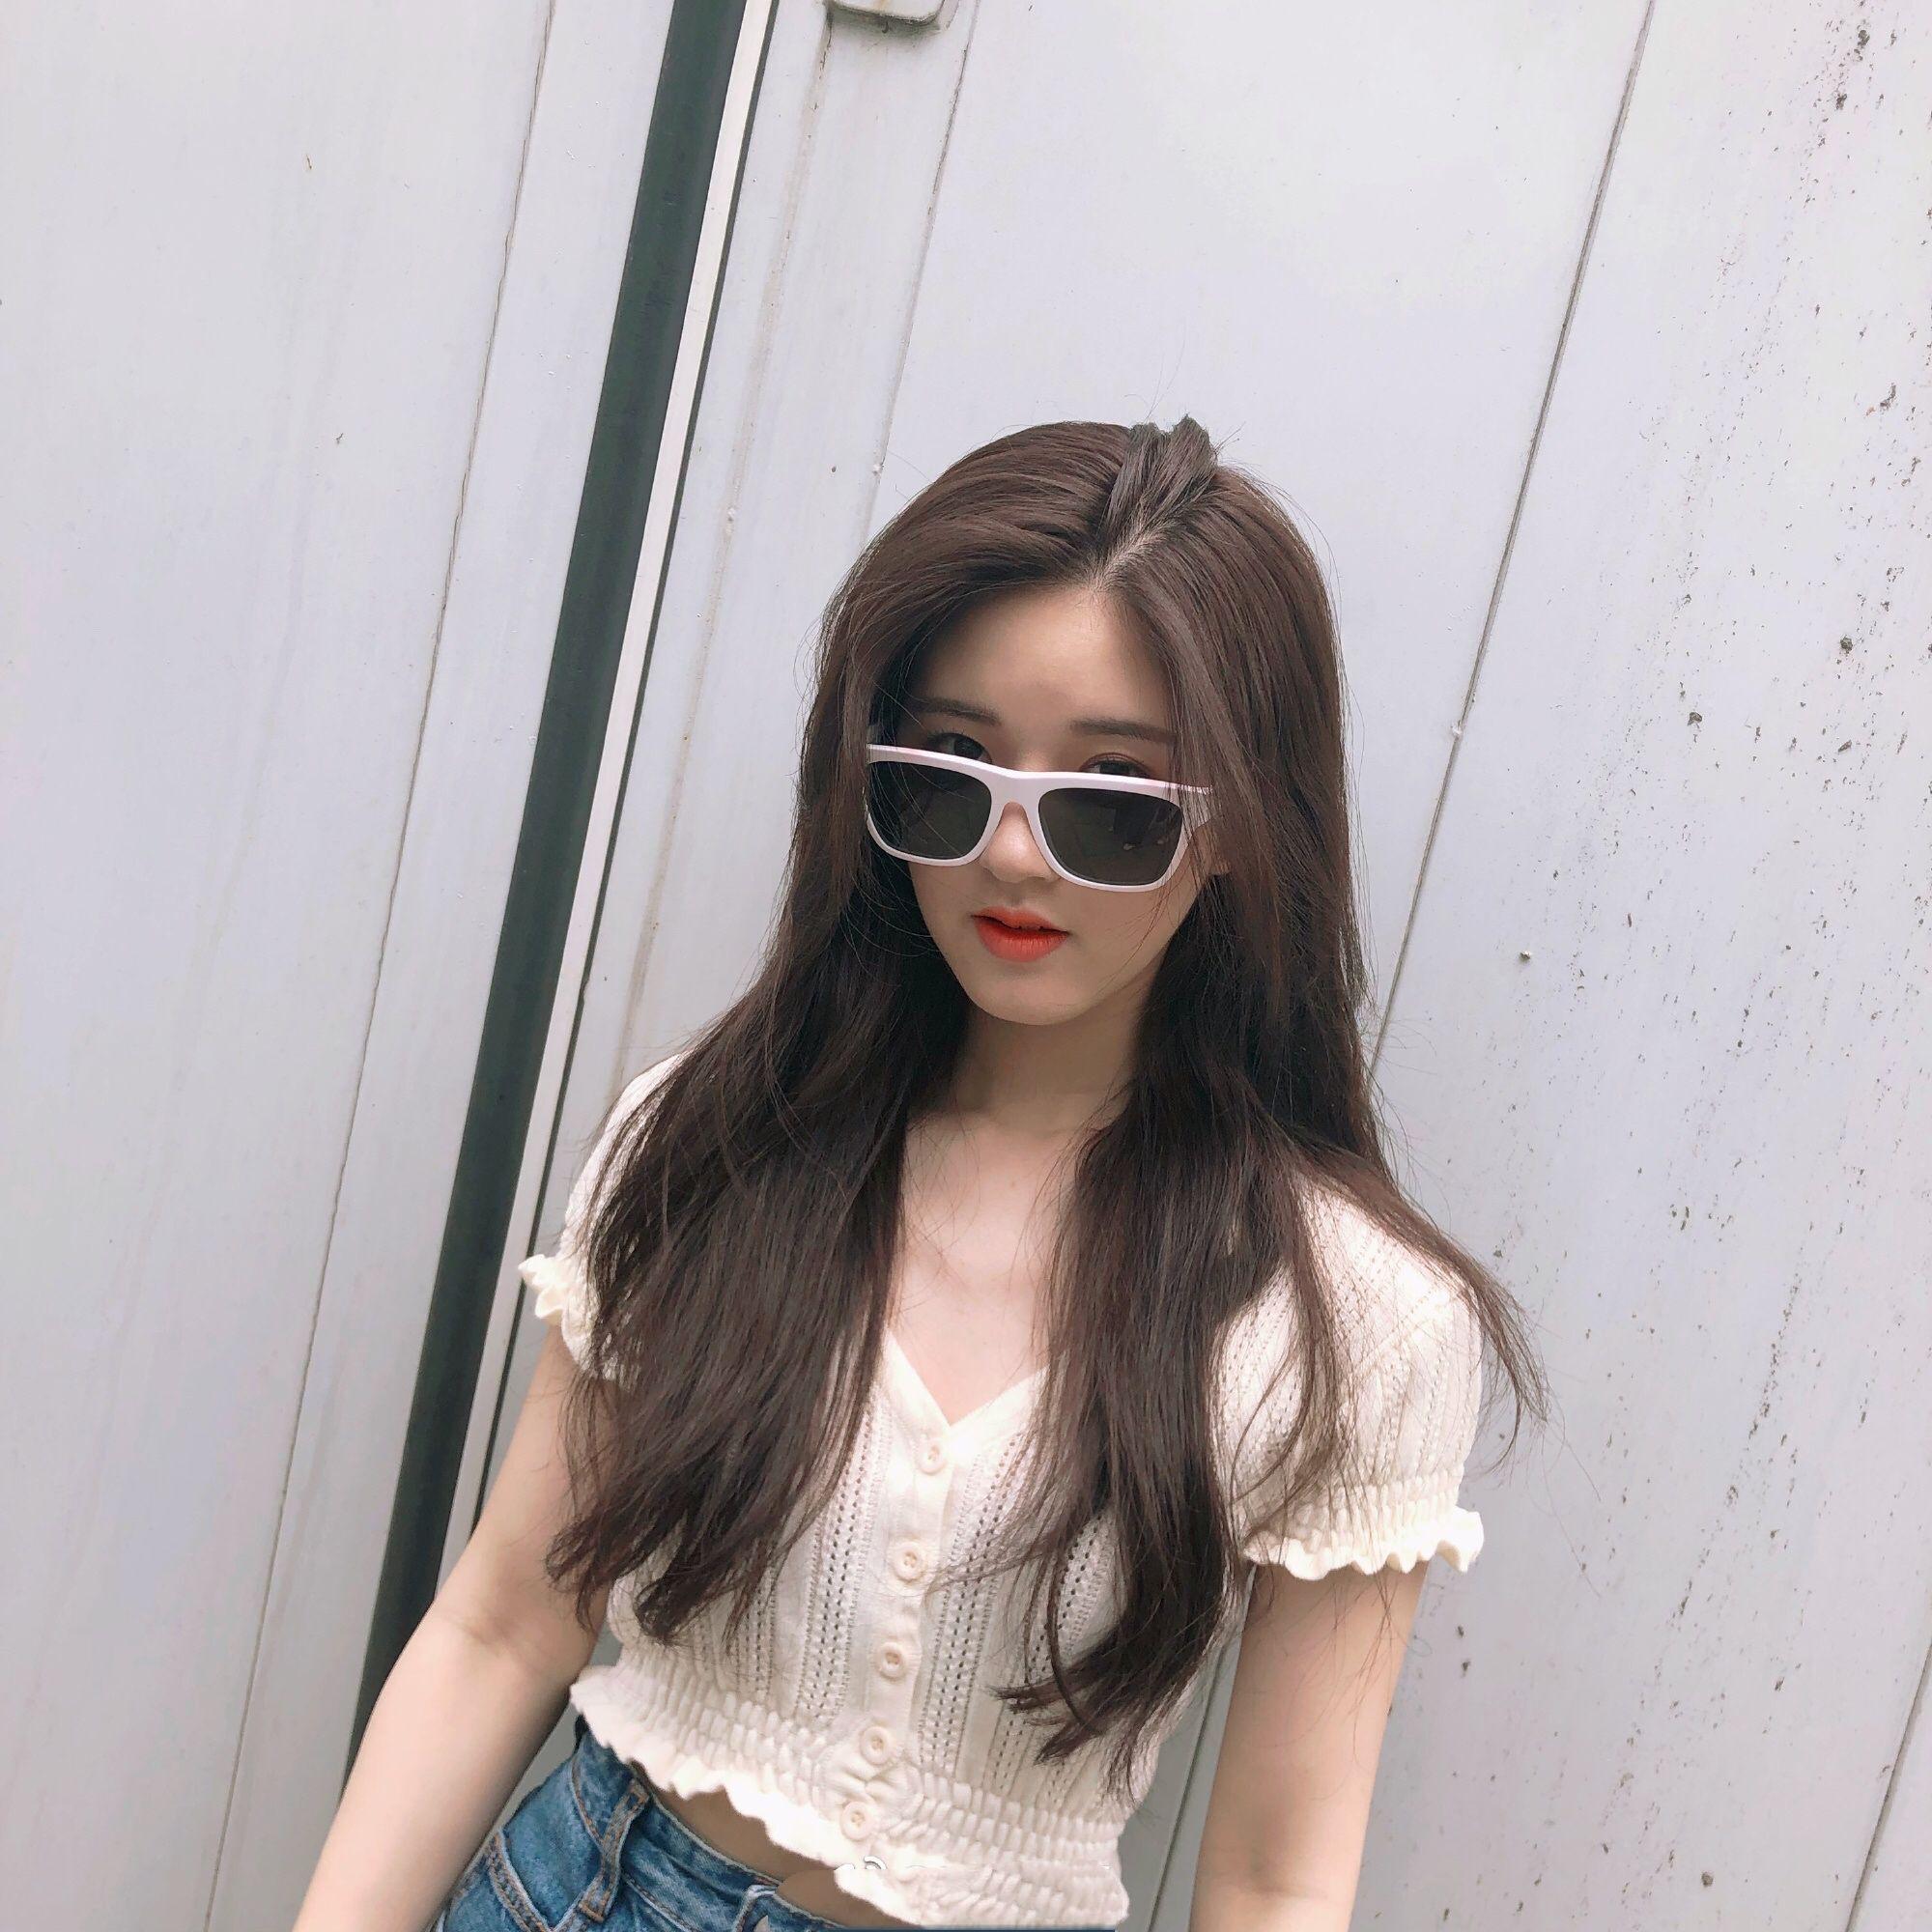 趙露思同款復古V領顯瘦高腰短款胸前系扣鏤空花邊針織短袖開衫T恤